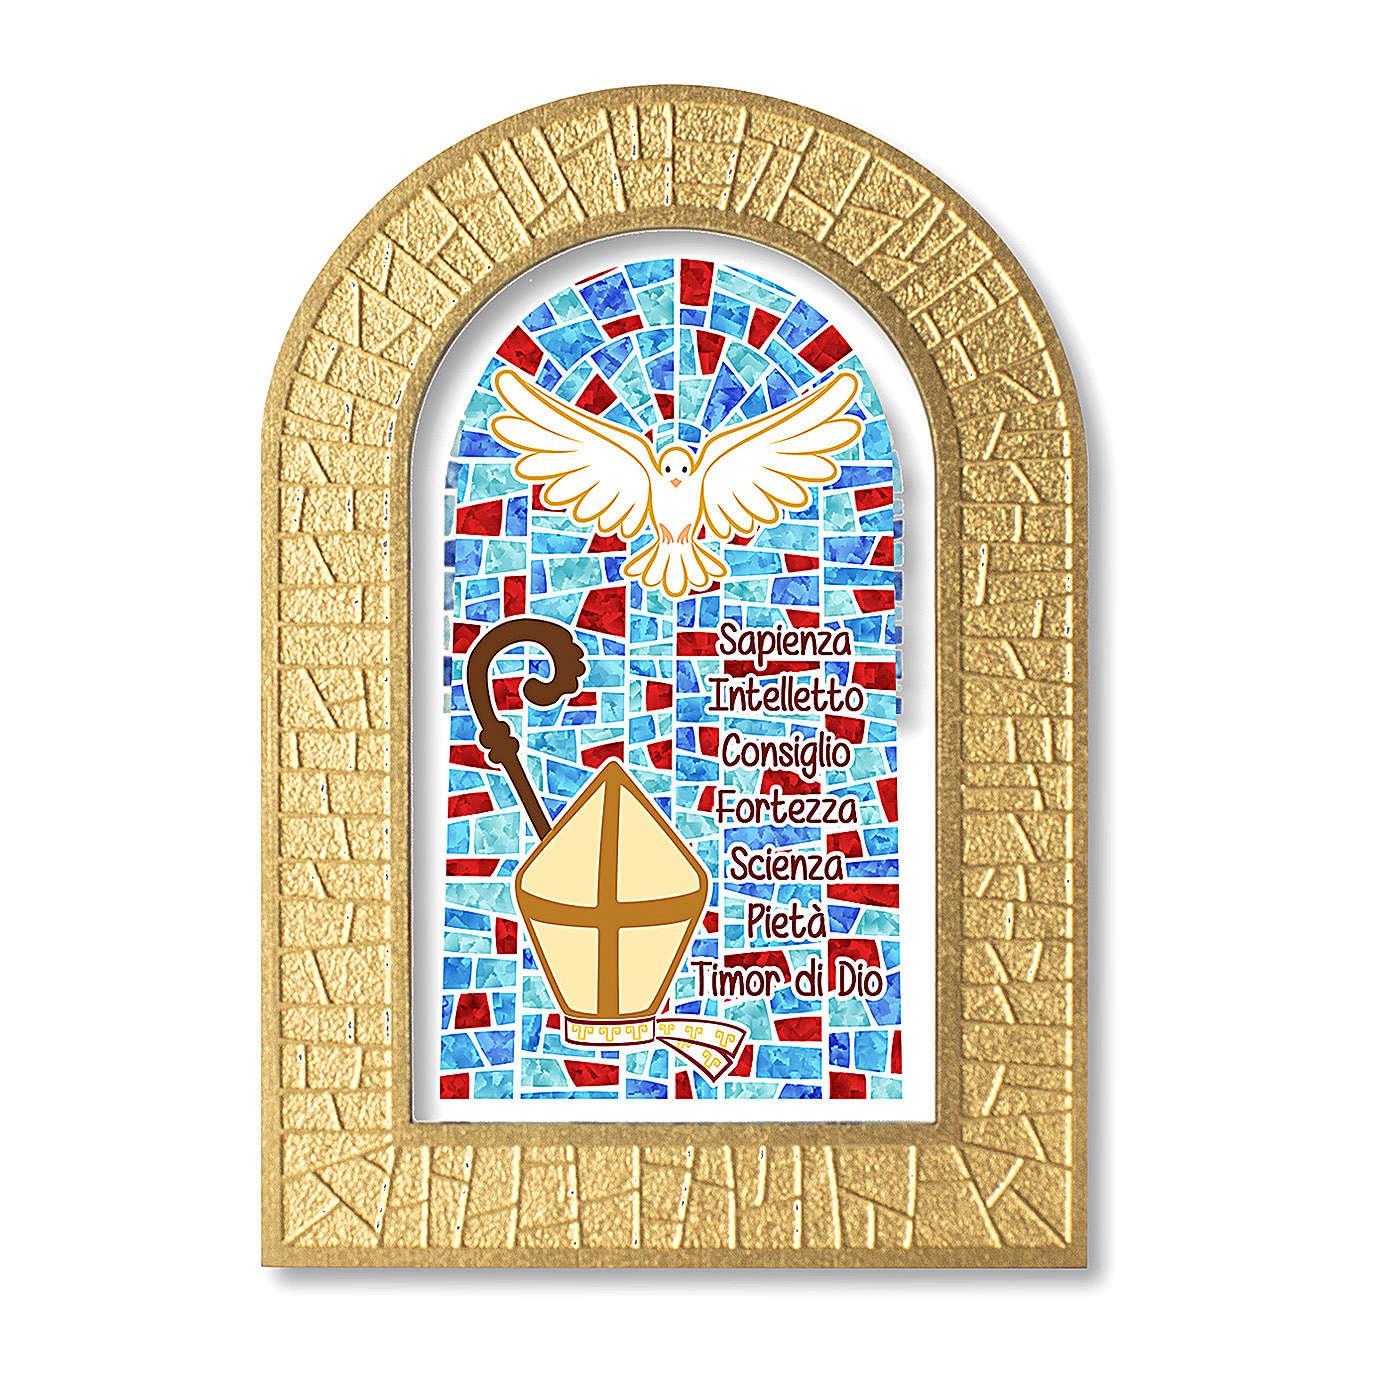 Bonbonnière souvenir Confirmation Symboles 14x8,5 cm 3